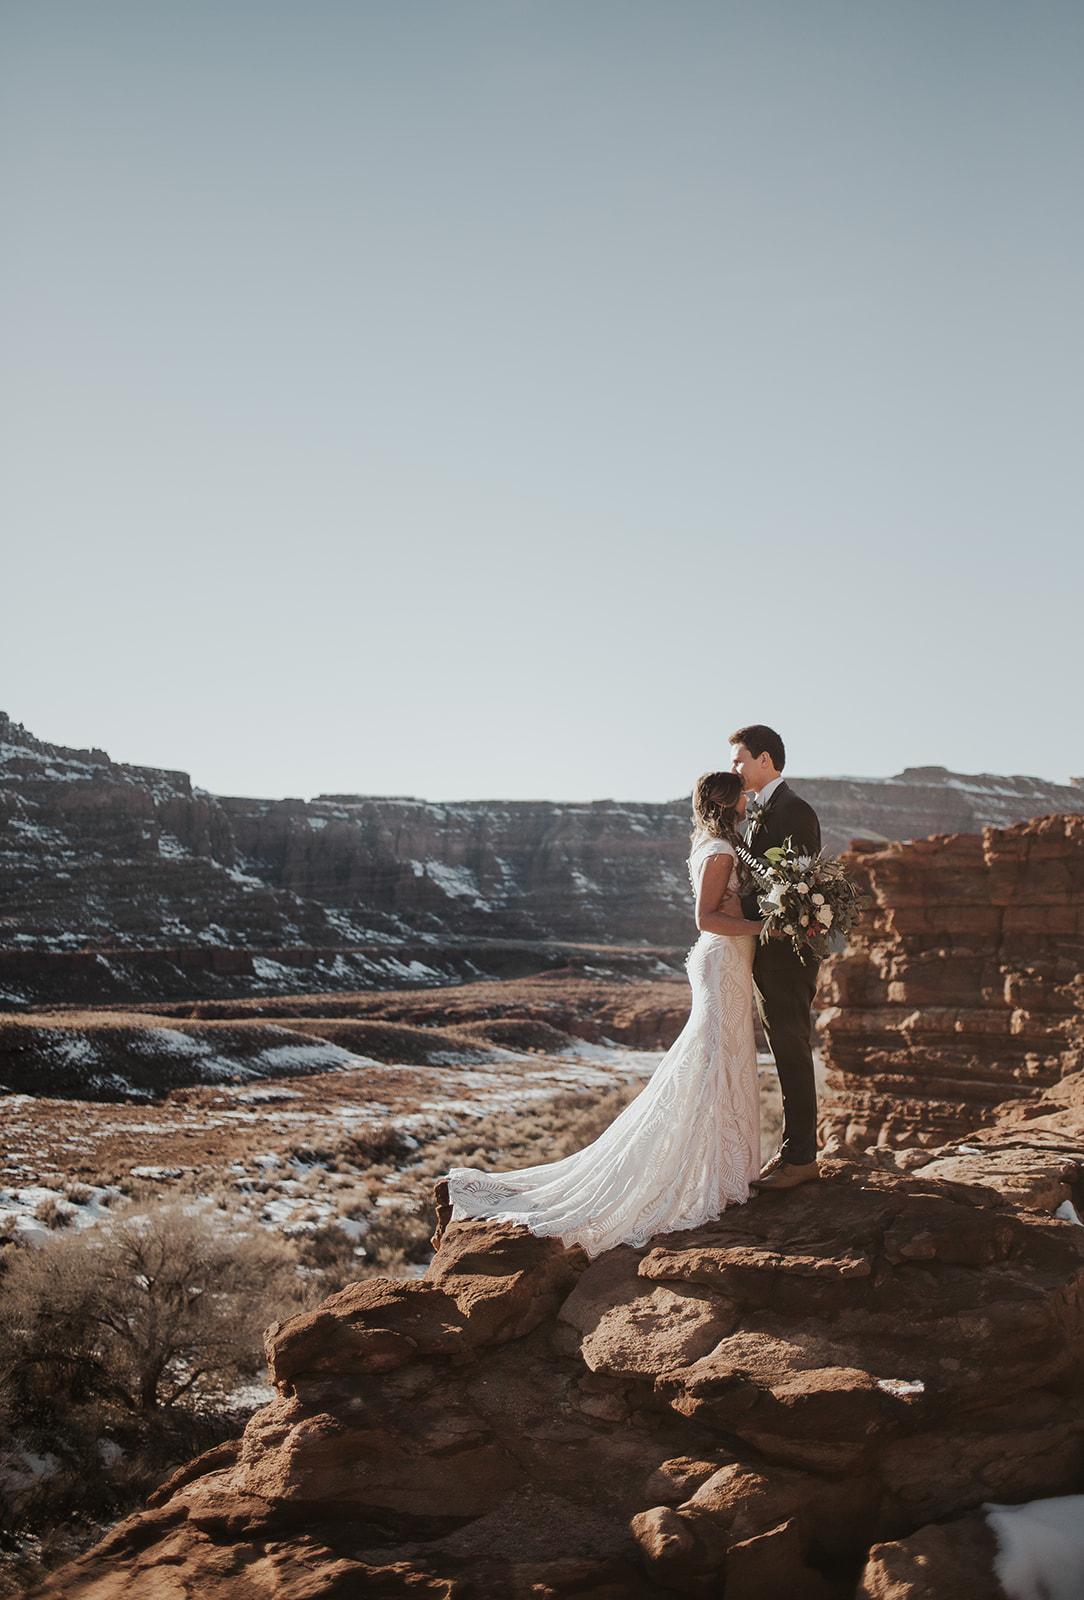 jamie+weston bridals-1.jpg